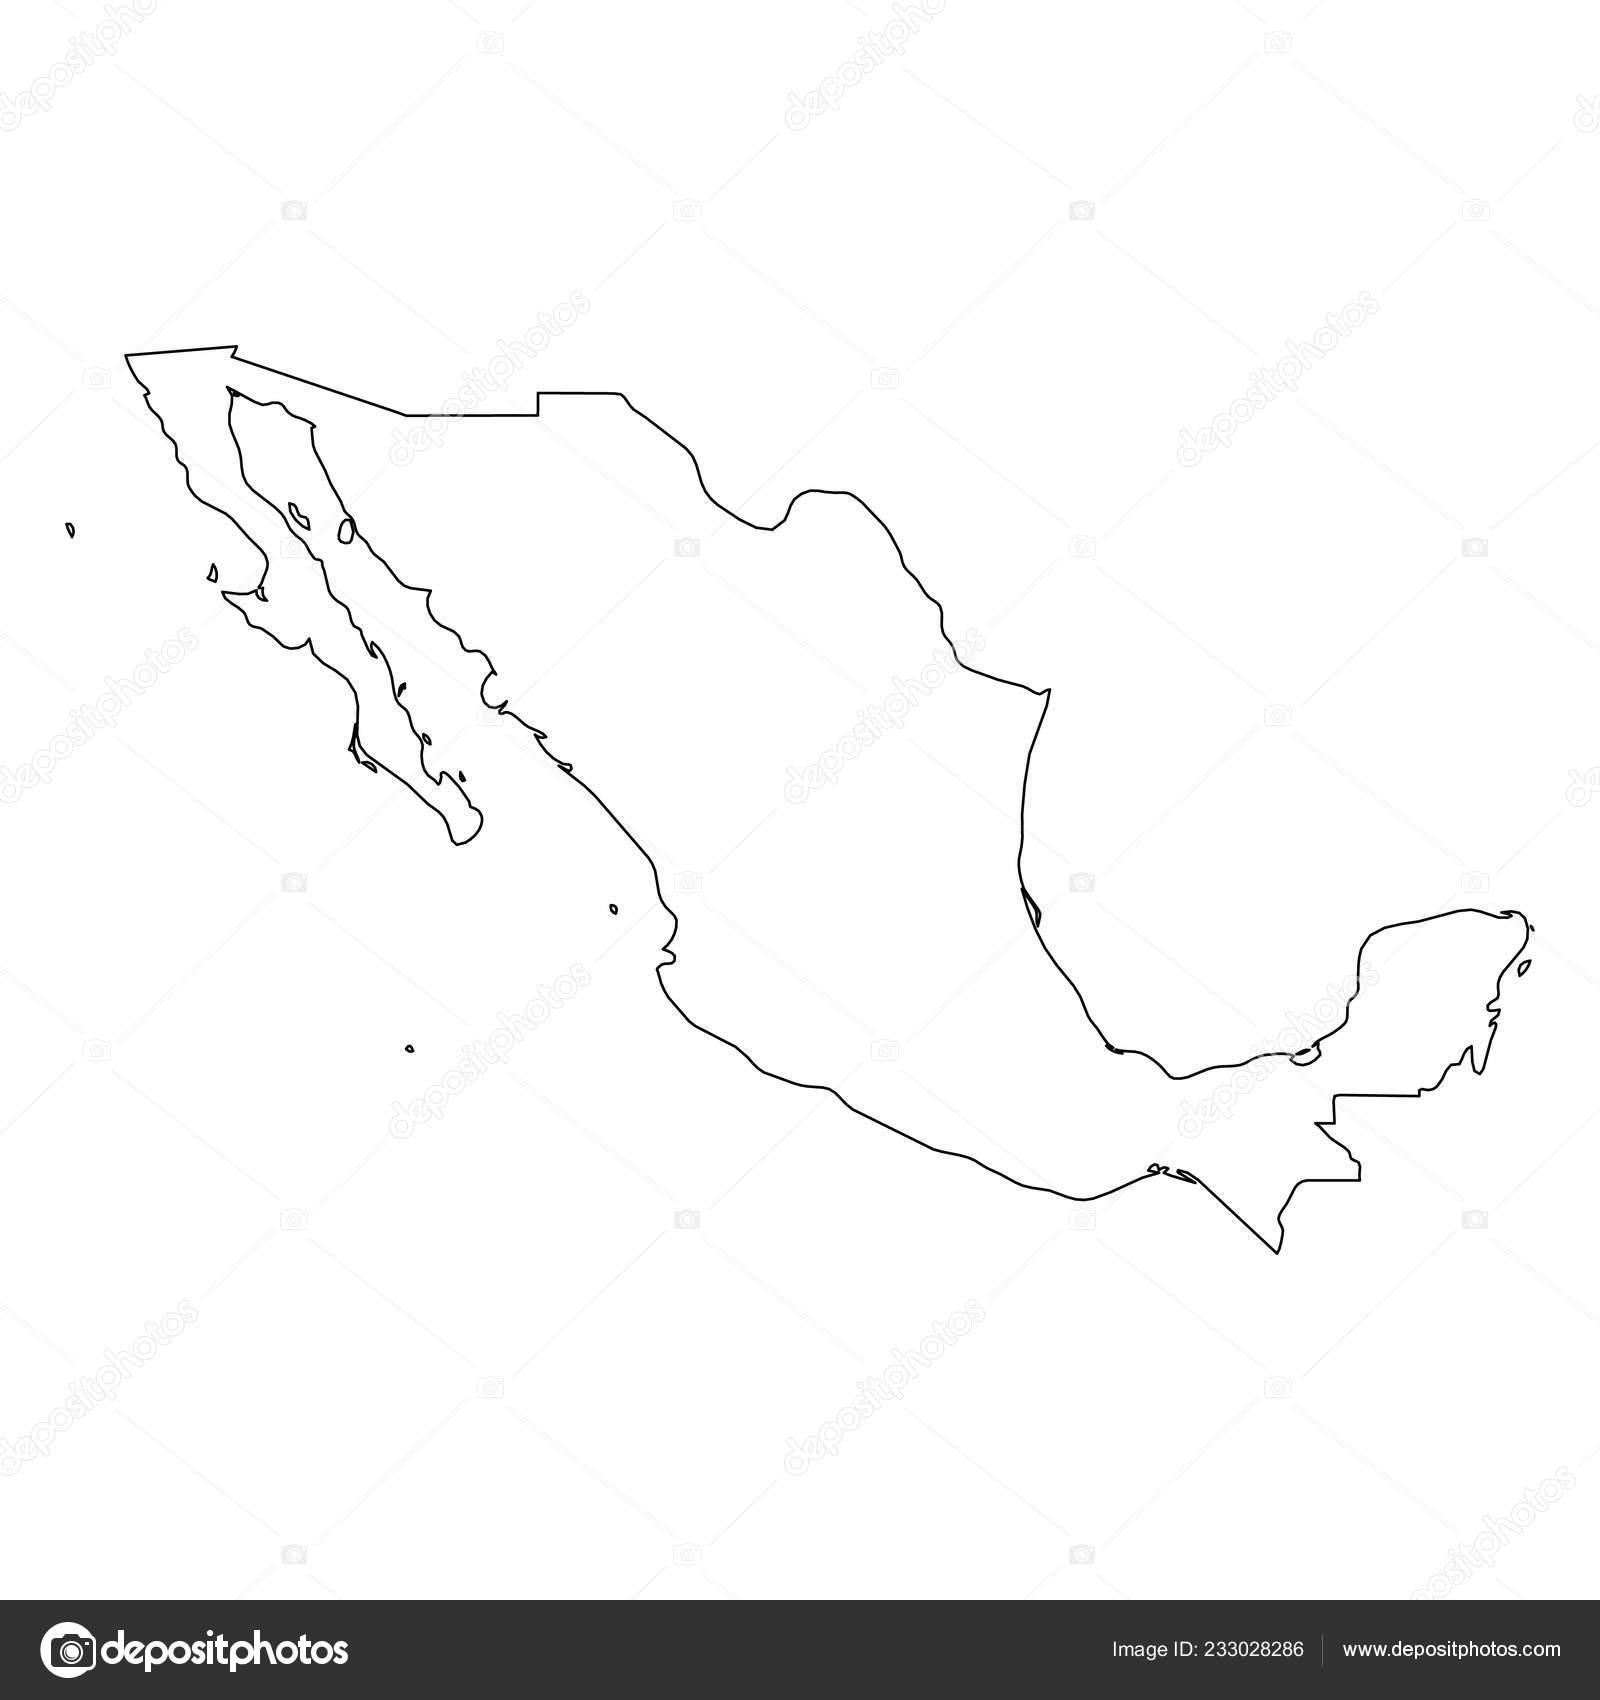 Mexiko Karte Umriss.Mexiko Solide Schwarze Grenze Der Umriss Des Landes